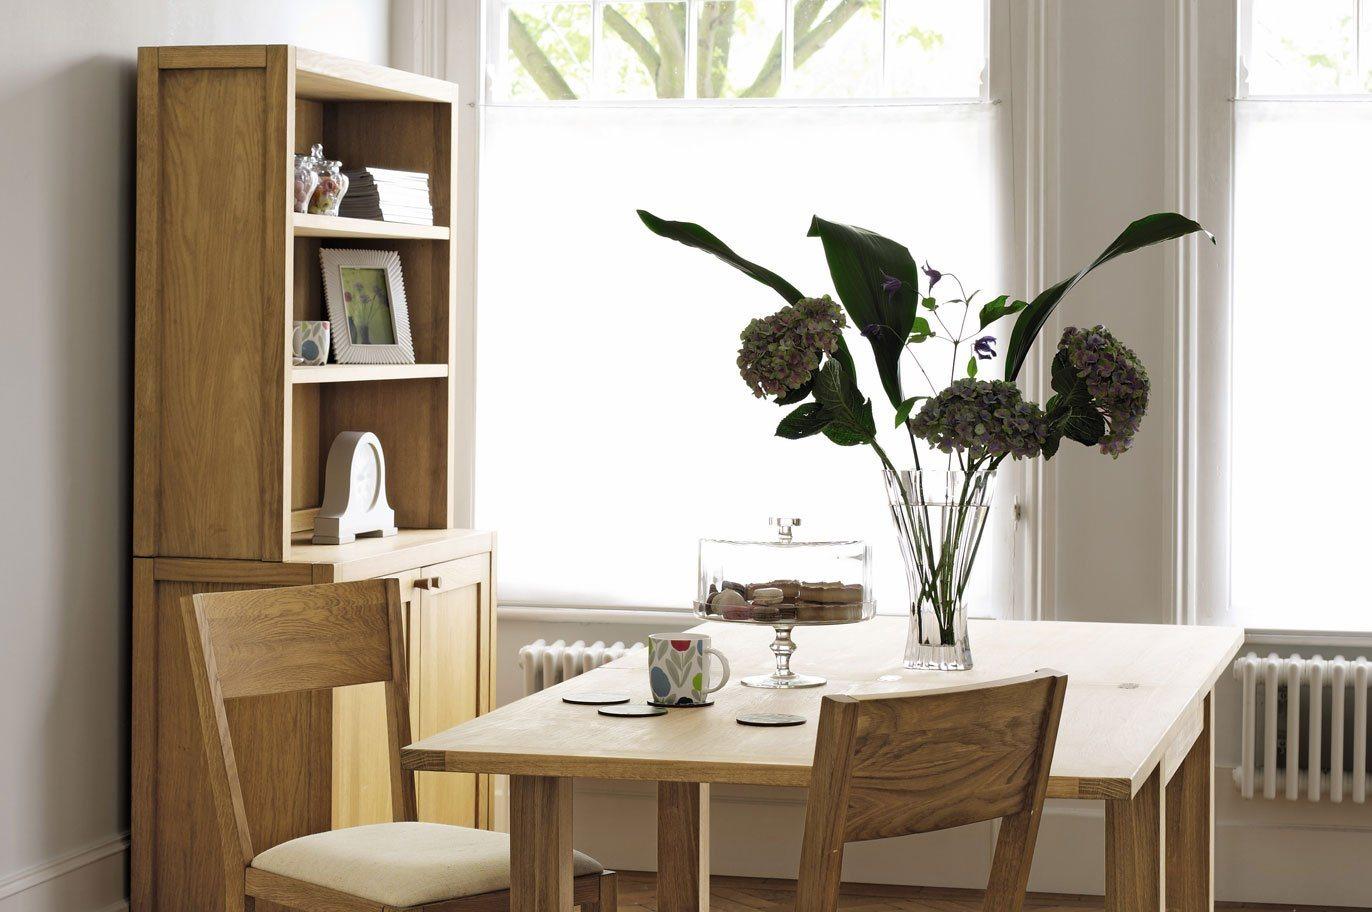 estilo ingles:de cozinha de estilo inglês. Móveis para uma cozinha #65492C 1372 912